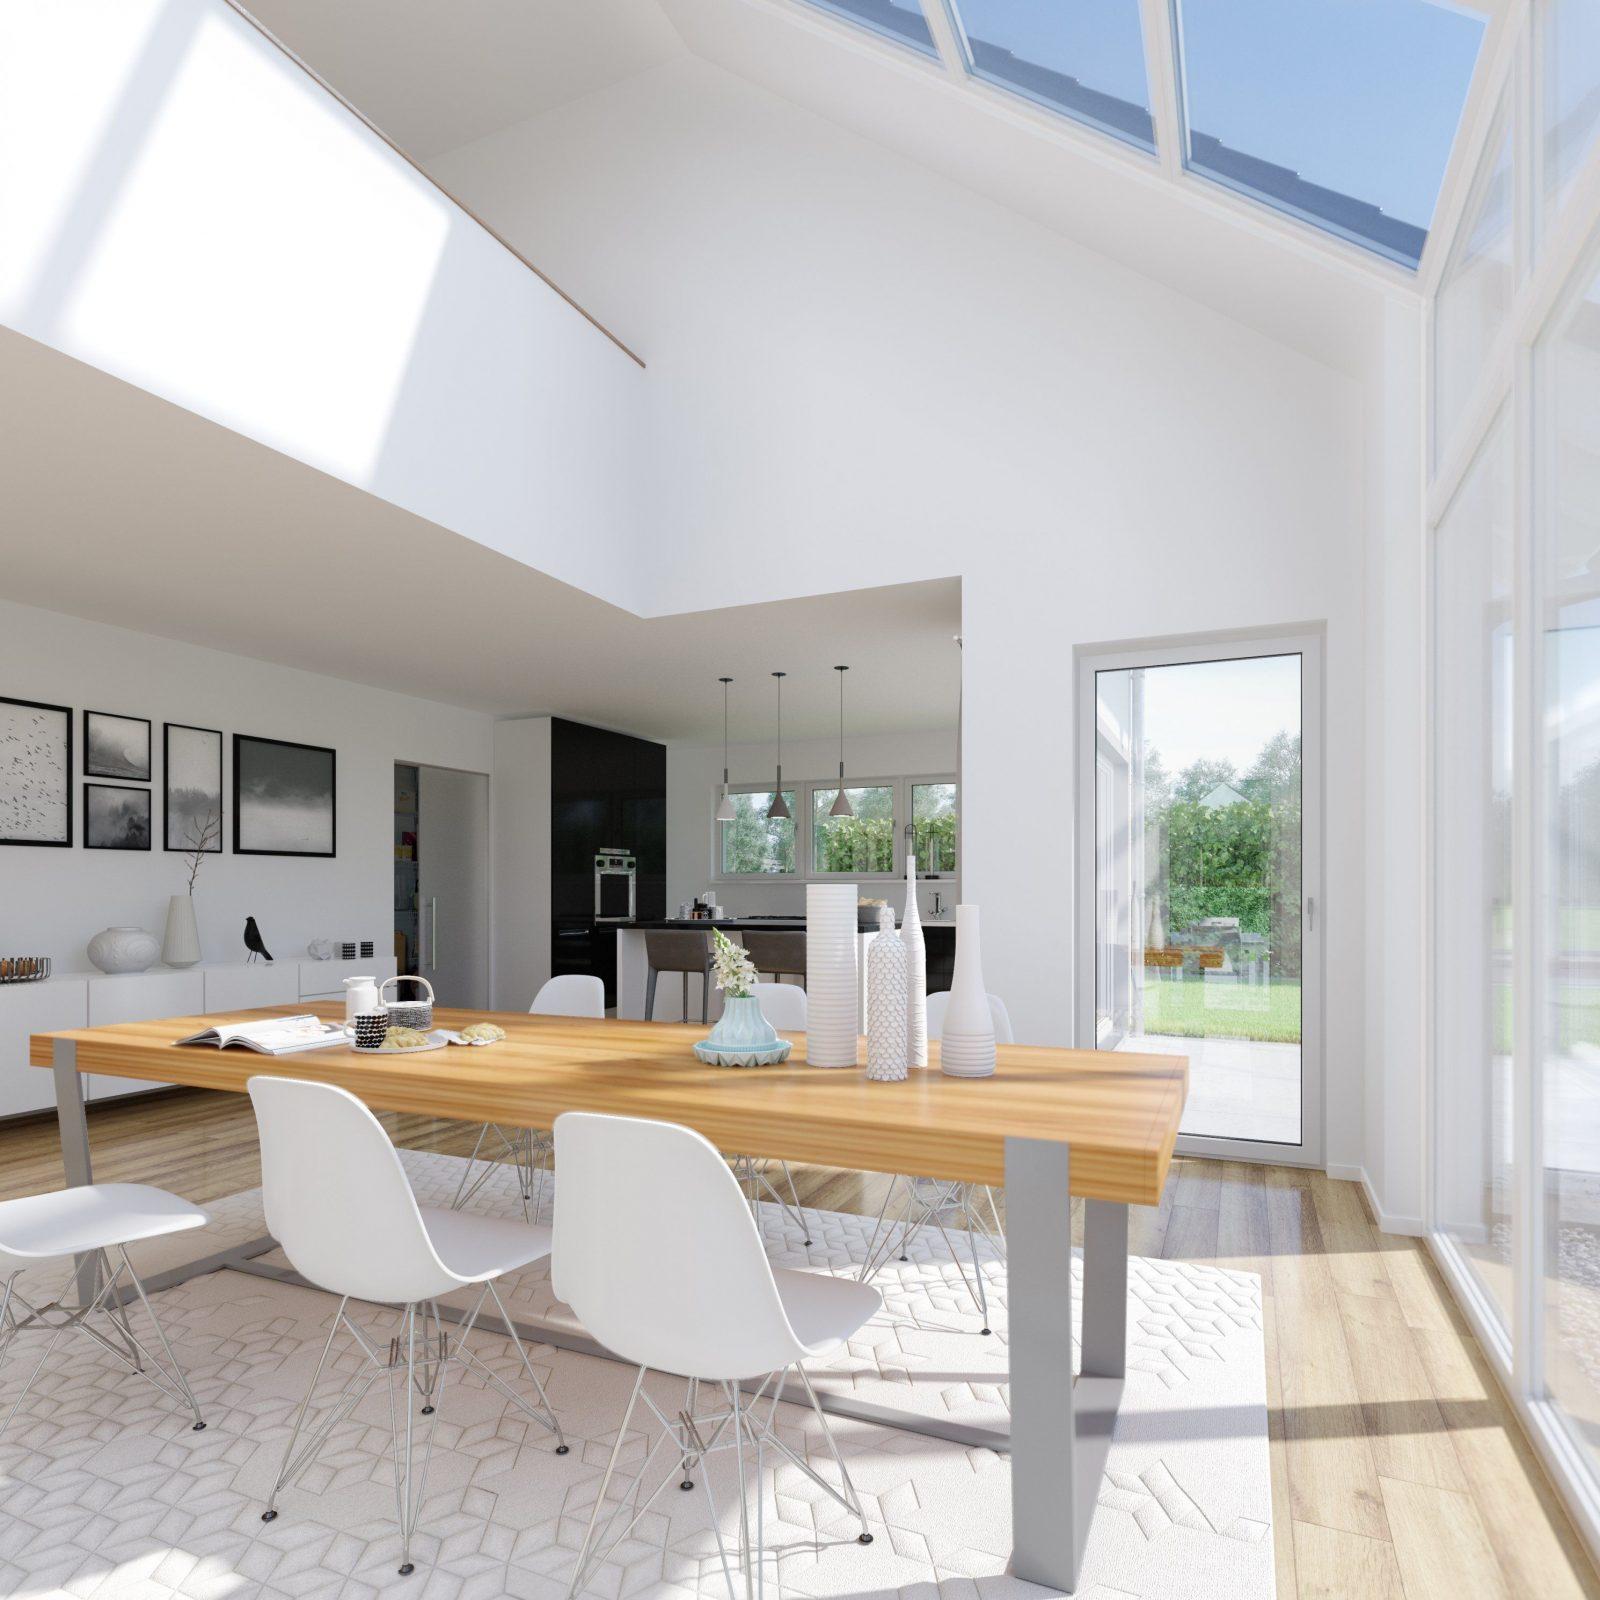 Haus Mit Galerie Im Wohnzimmer Interior Design Ideen Architektur